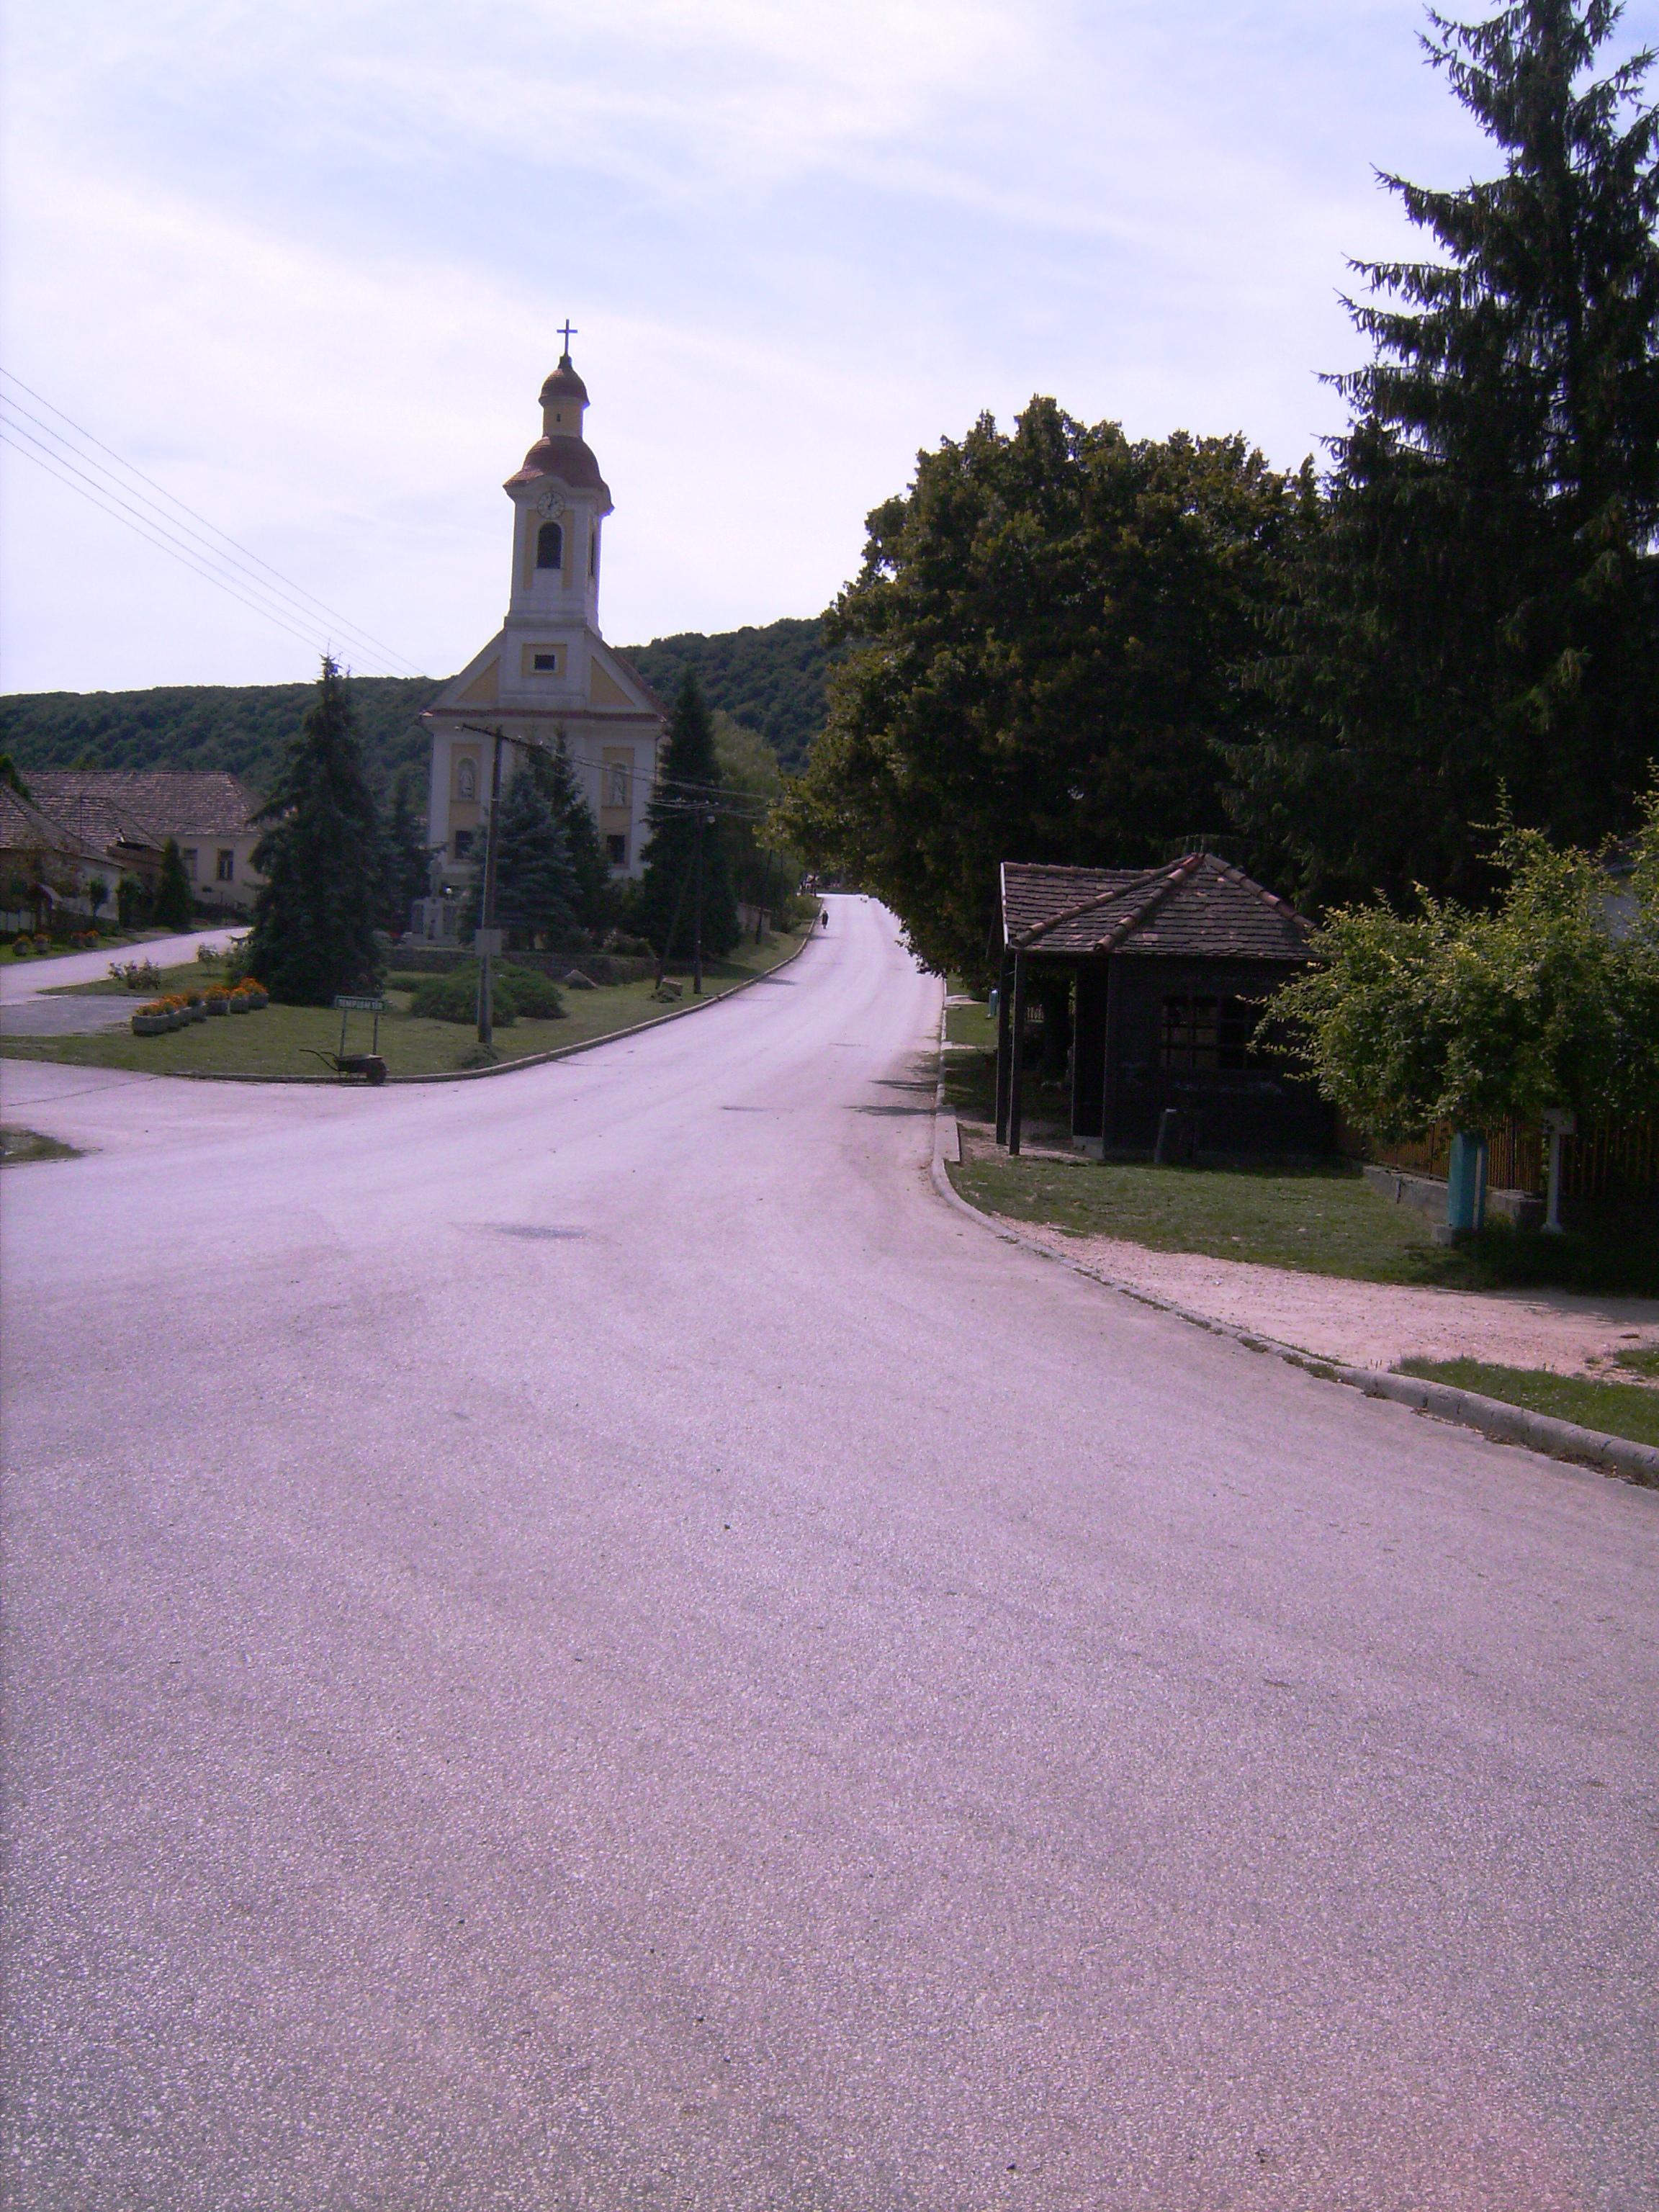 A tardosi Templom-tér egy kis sziget a falu közepén, két utca között.